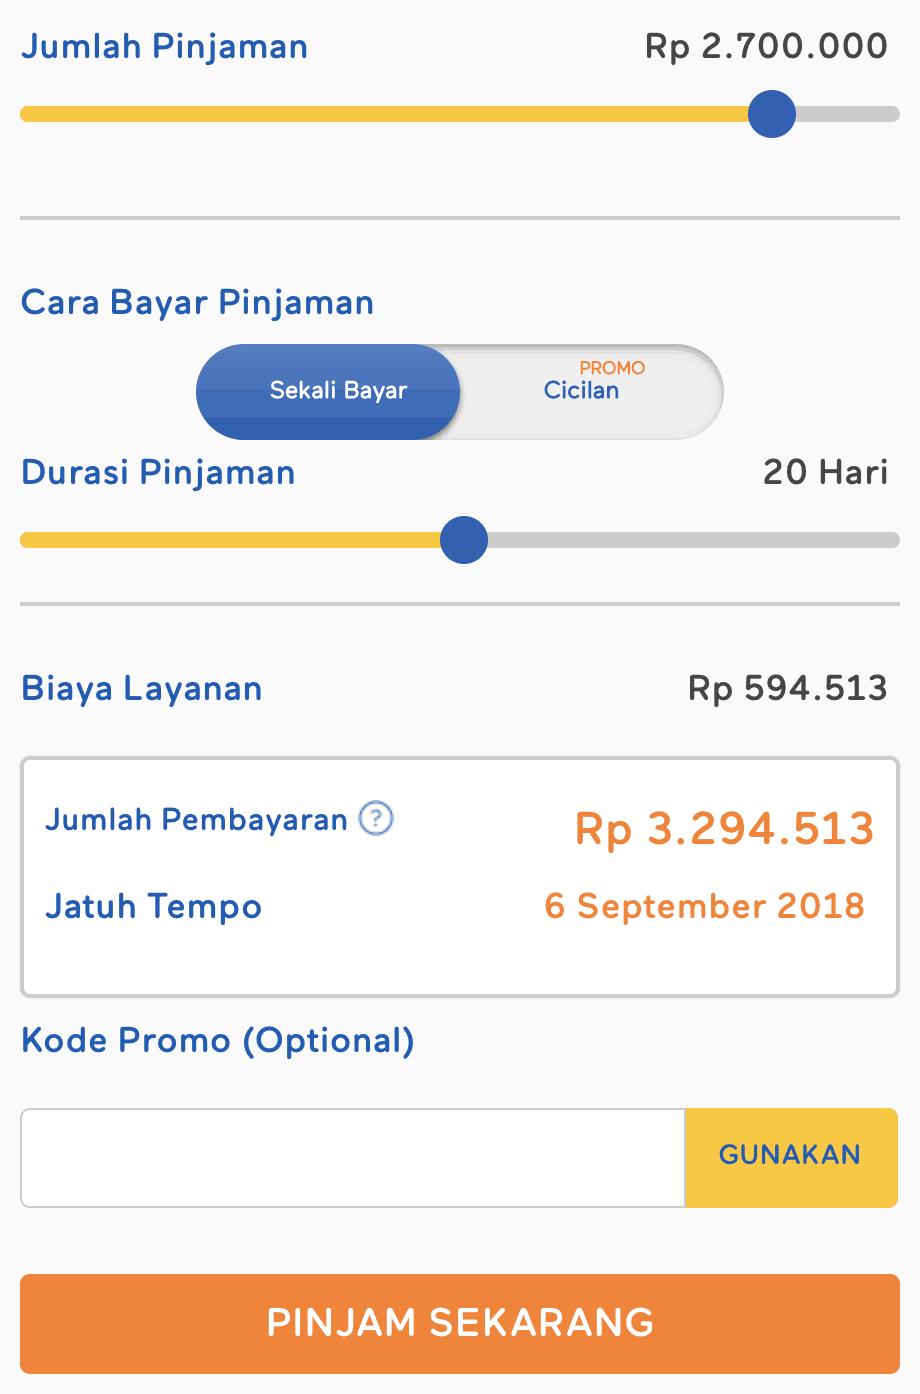 Daftar Pinjaman Online Ojk Indonesia Terdaftar Terbaru 2020 2019